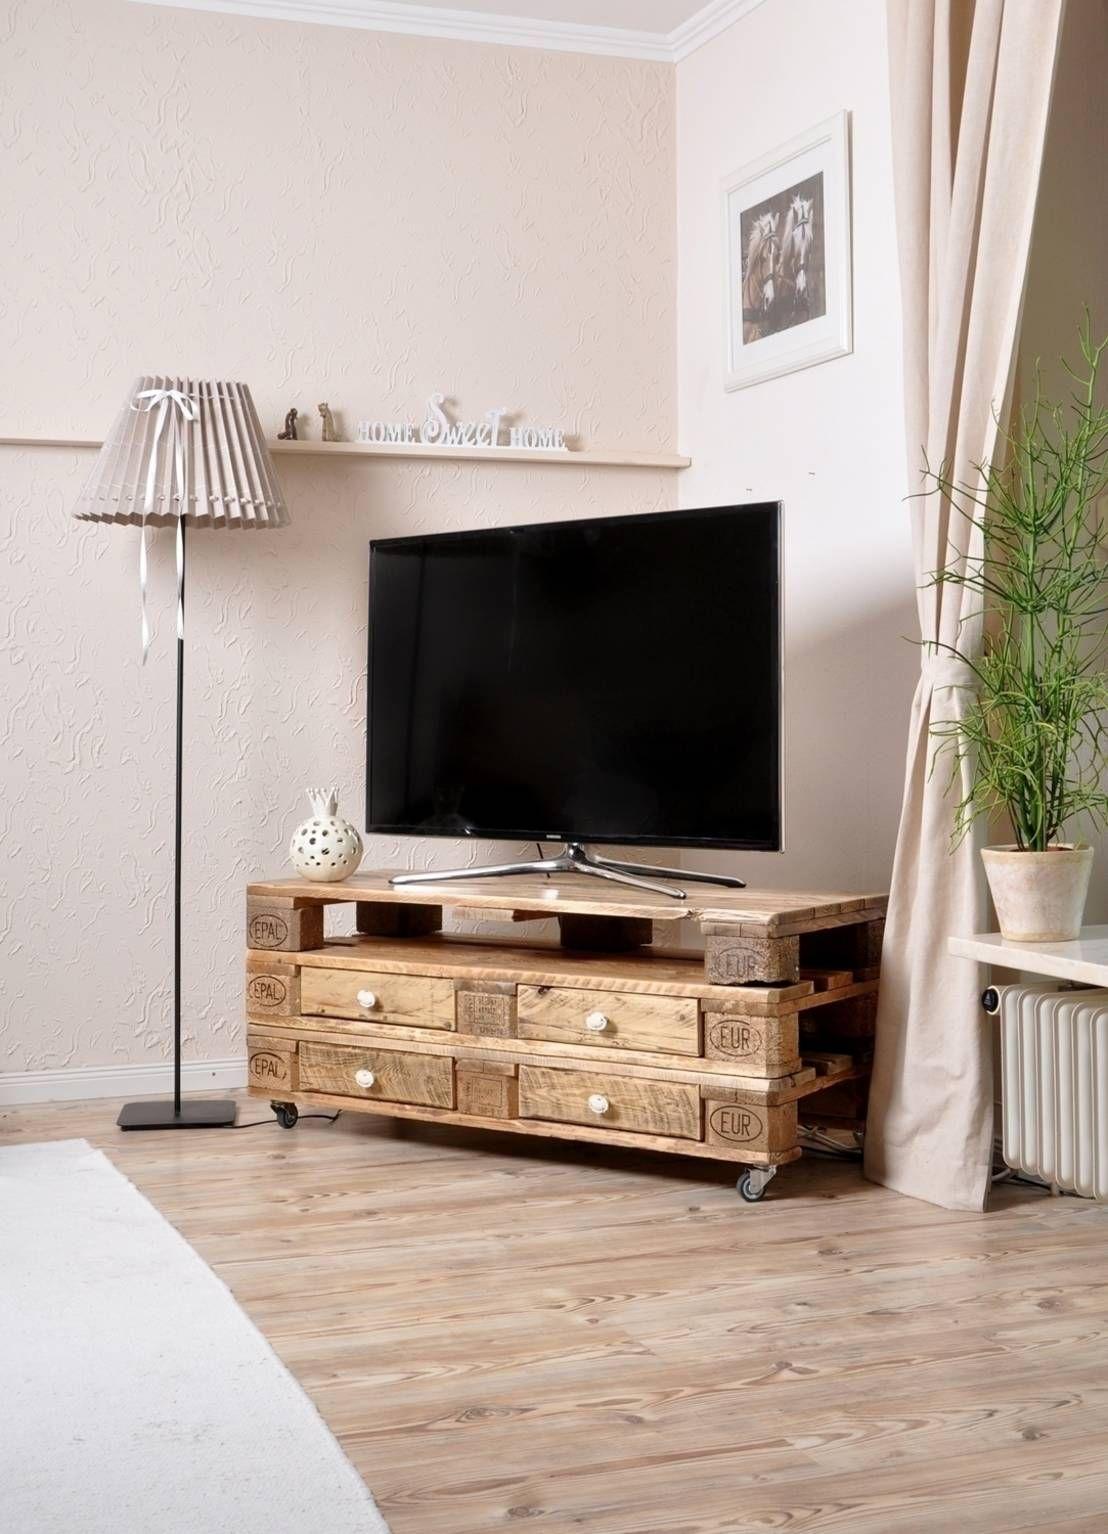 Astounding Tv Bank Metall Referenz Von Tolle Möbel Aus Paletten, Wie Diesen Fernsehtisch